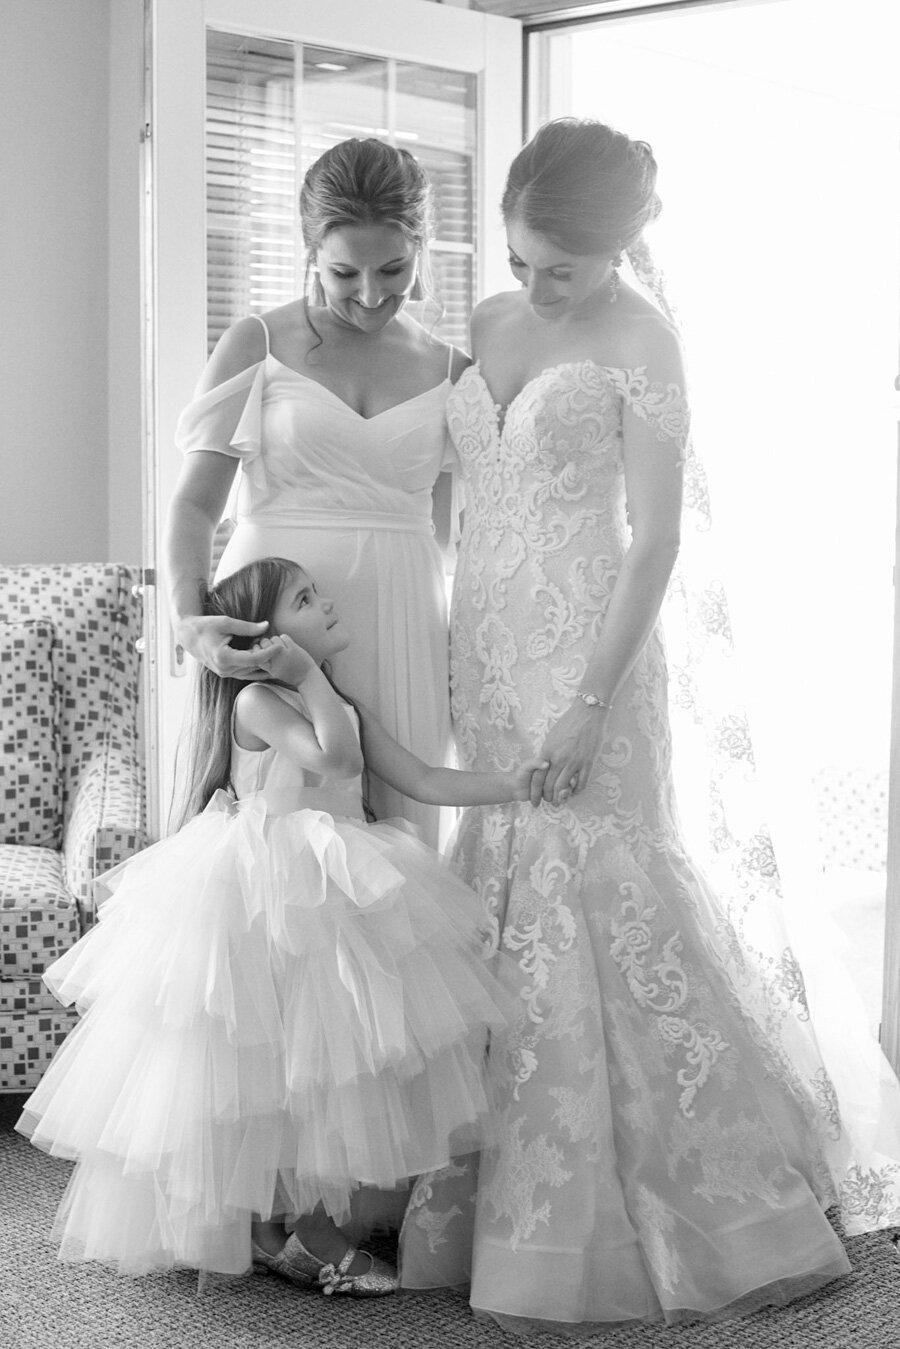 kress-pavilion-door-county-wedding-006.jpg